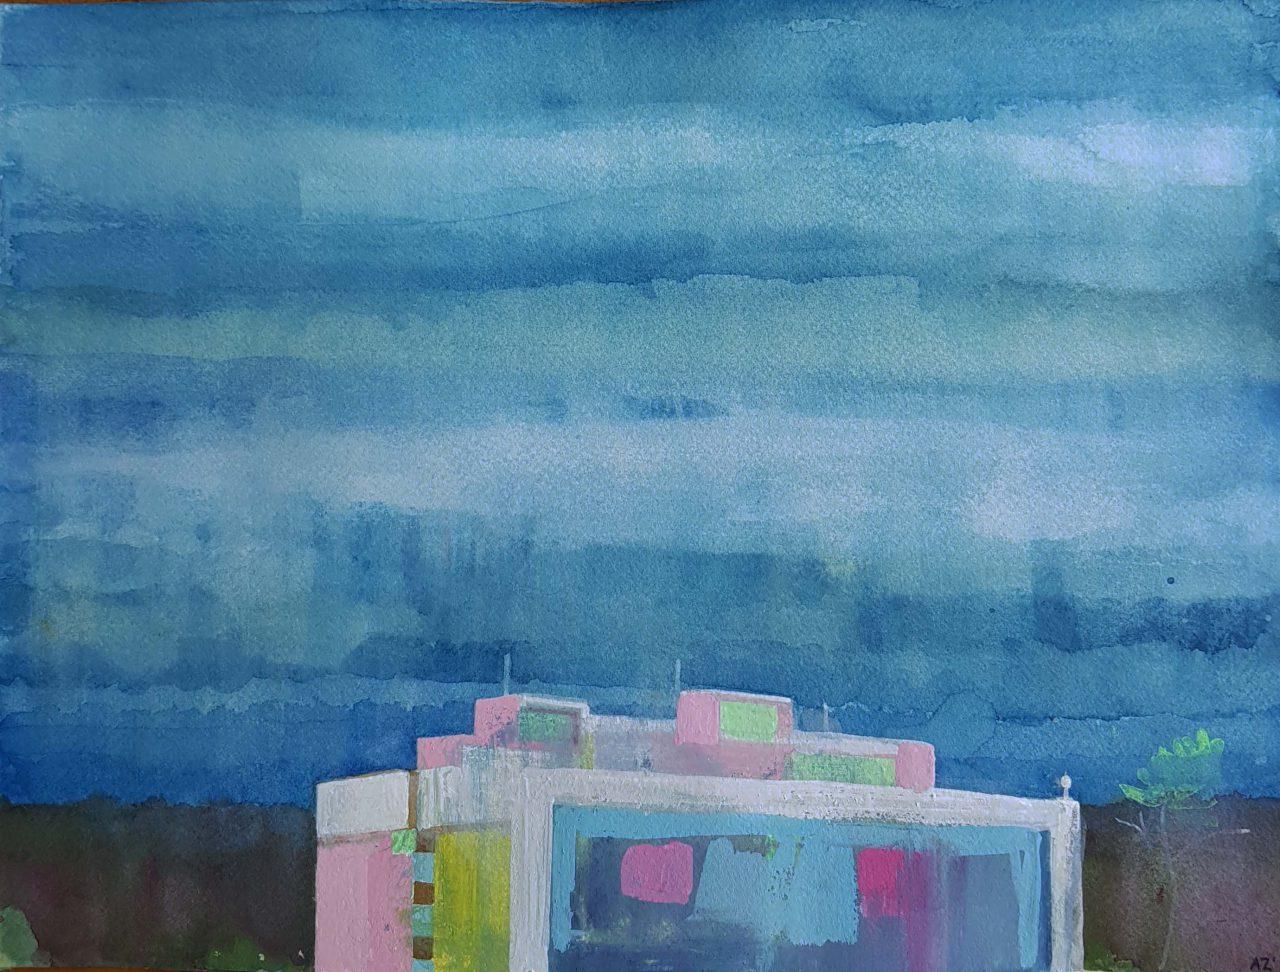 Top of a building, against a gray-blue sky, 2019. Gouache/aquarel 23x30,5cm